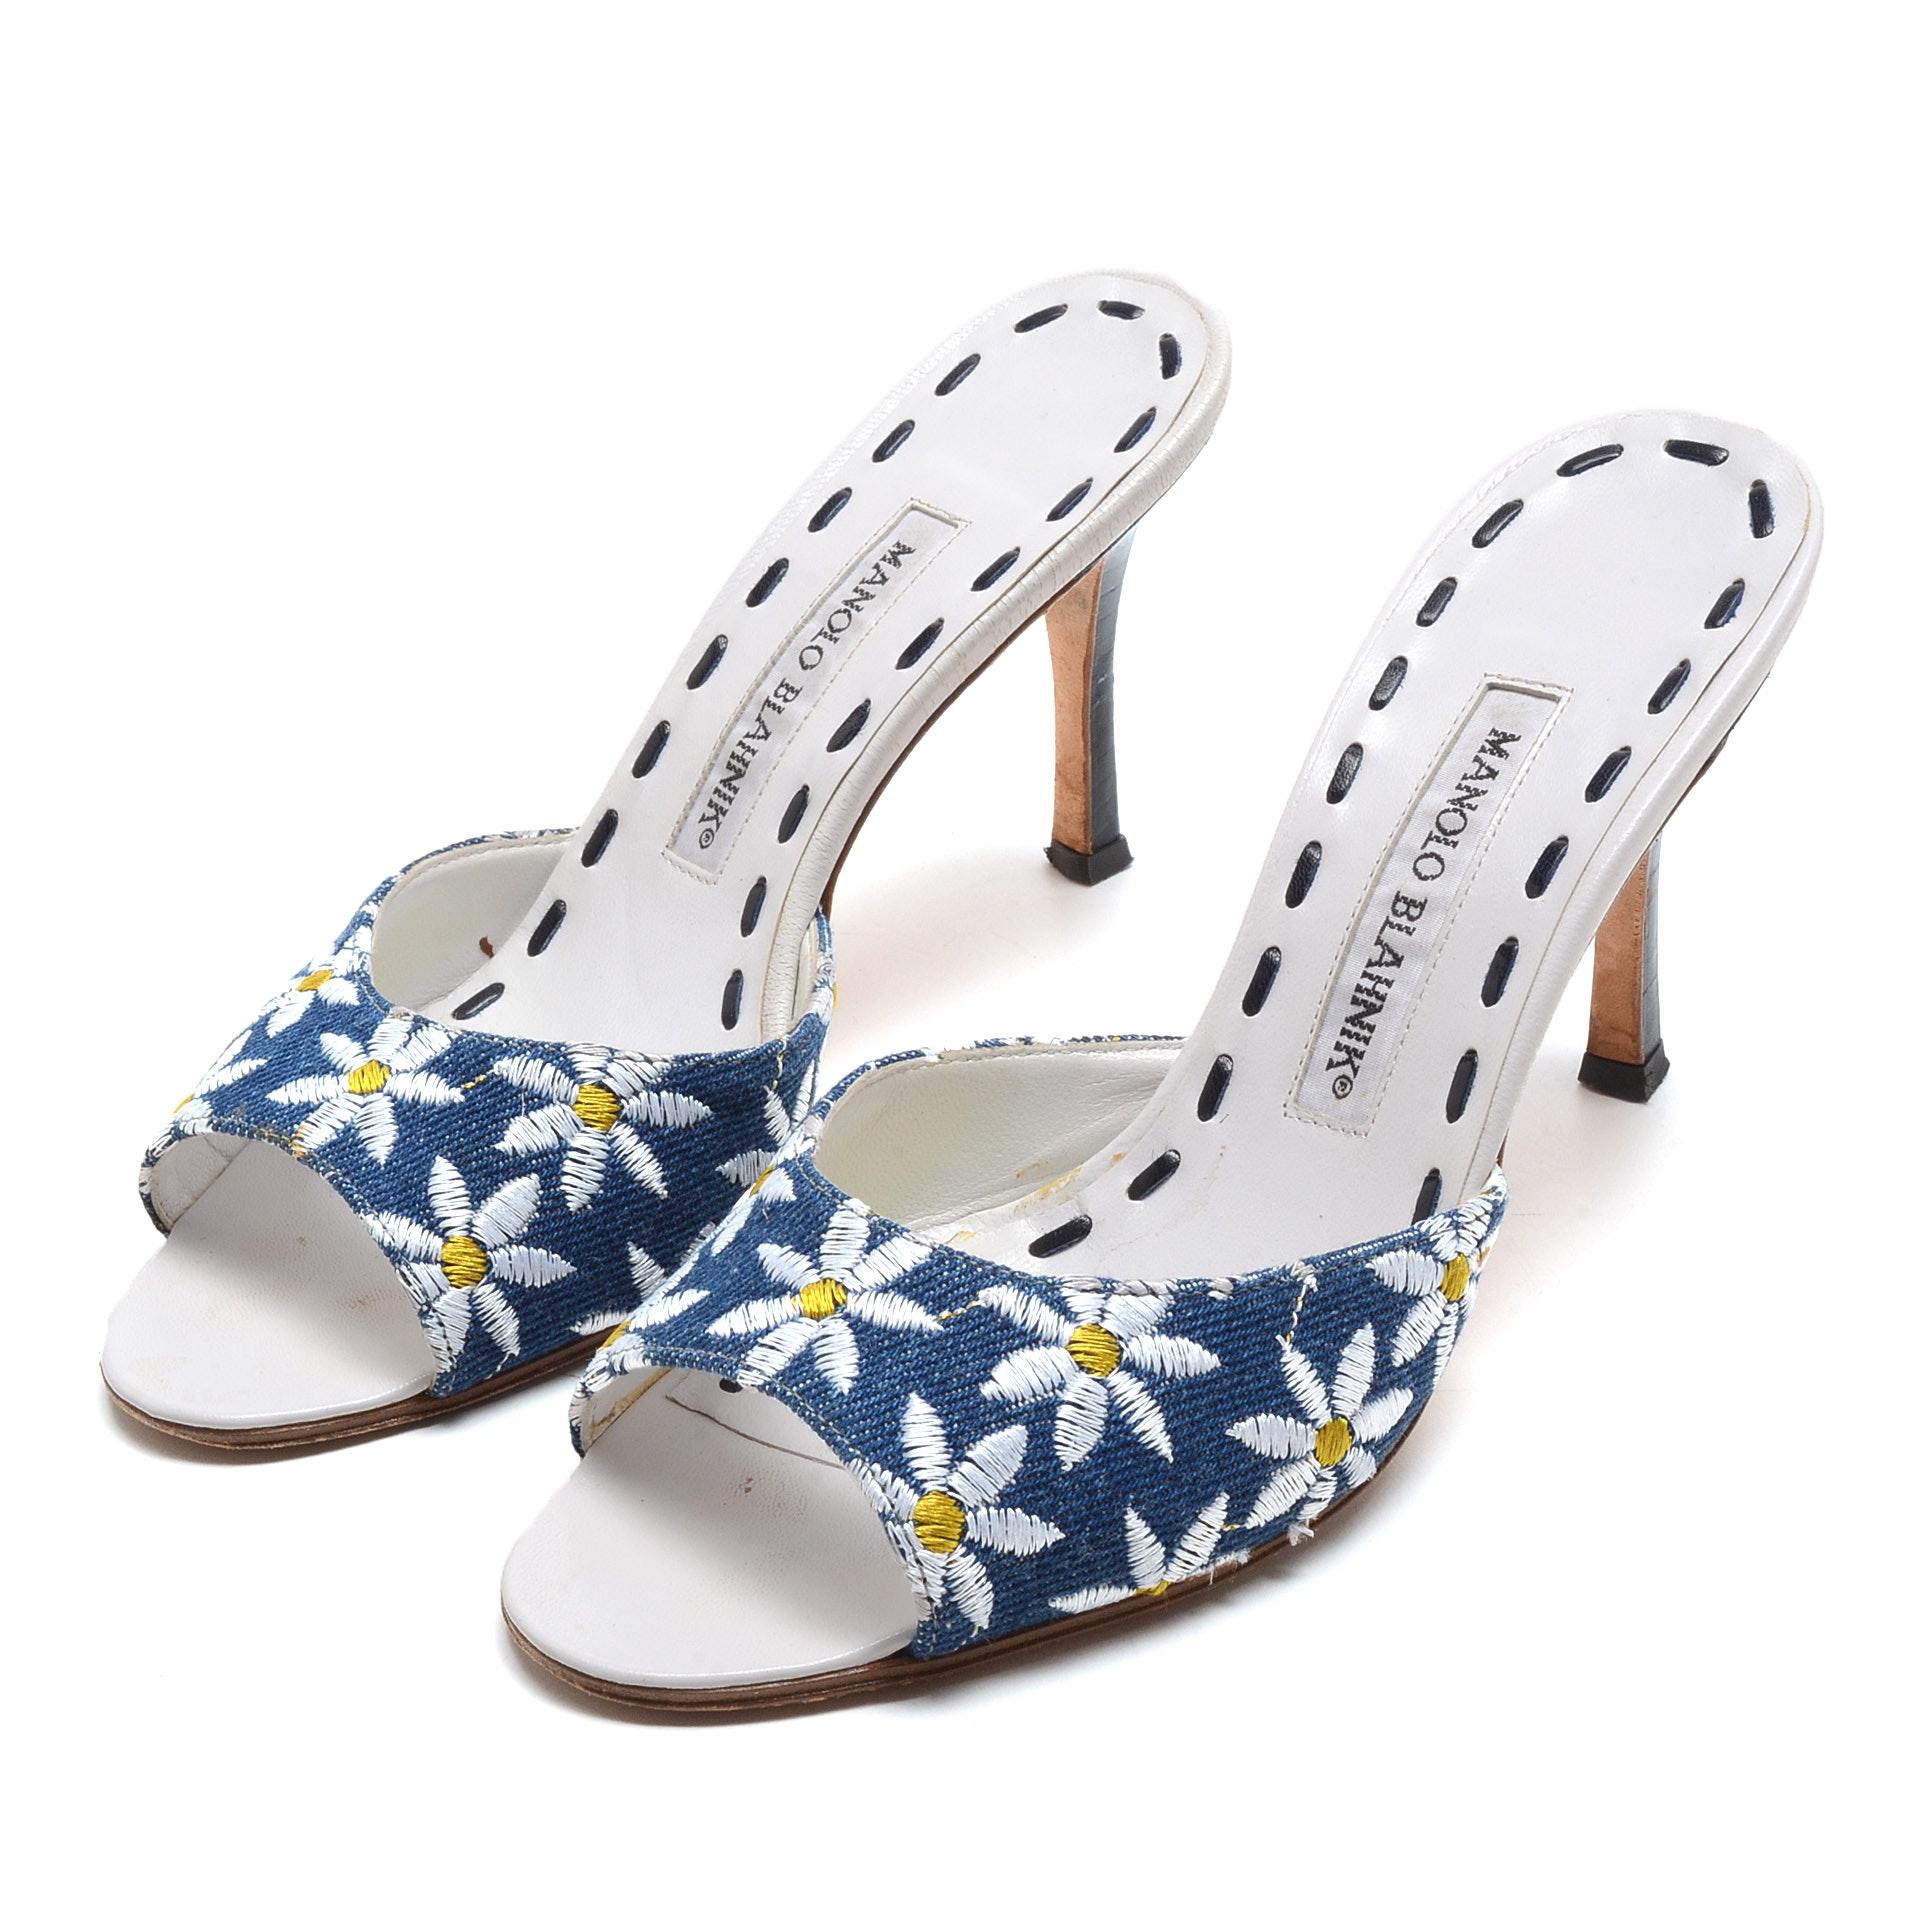 Manola Blahnik Floral Embroidered Open Toe Slide Dress Sandals